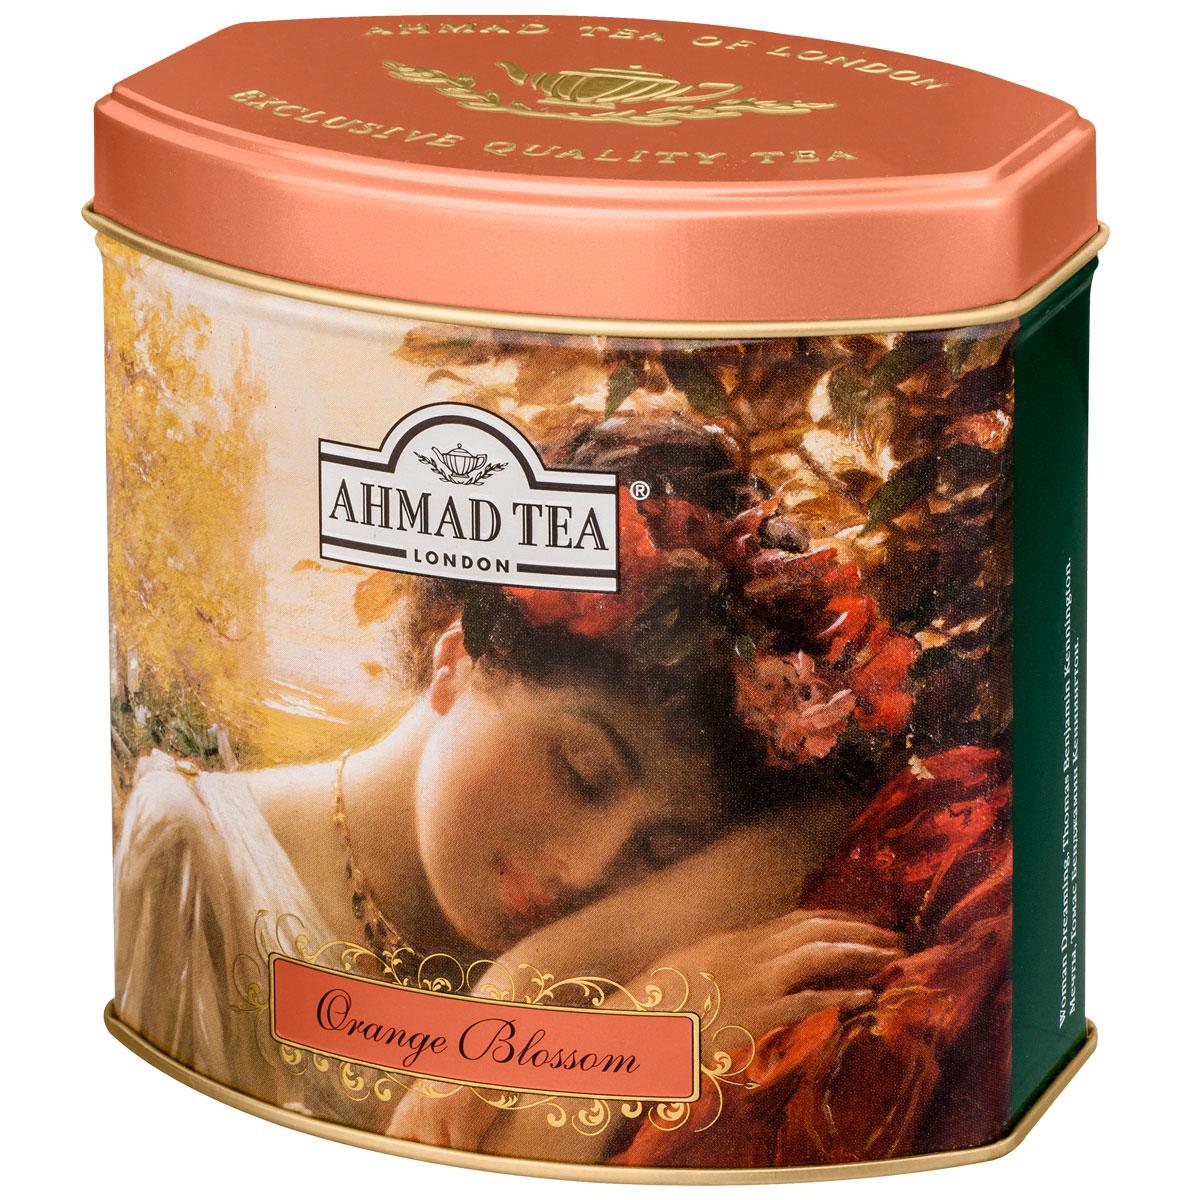 Ahmad Tea Orange Blossom черный чай, 100 г (жестяная банка)1172В европейской традиции цветок апельсина считается символом любви. В честь него назвали букет невесты - флердоранж. Моду на них и на белые свадебные платья ввела английская королева Виктория в 19 в. И также чуть заметная сластинка и тонкий аромат солнечного фрукта составляют особенный легкий букет чая Ahmad Orange Blossom. Заваривать 5-7 минут, температура воды 100°С.